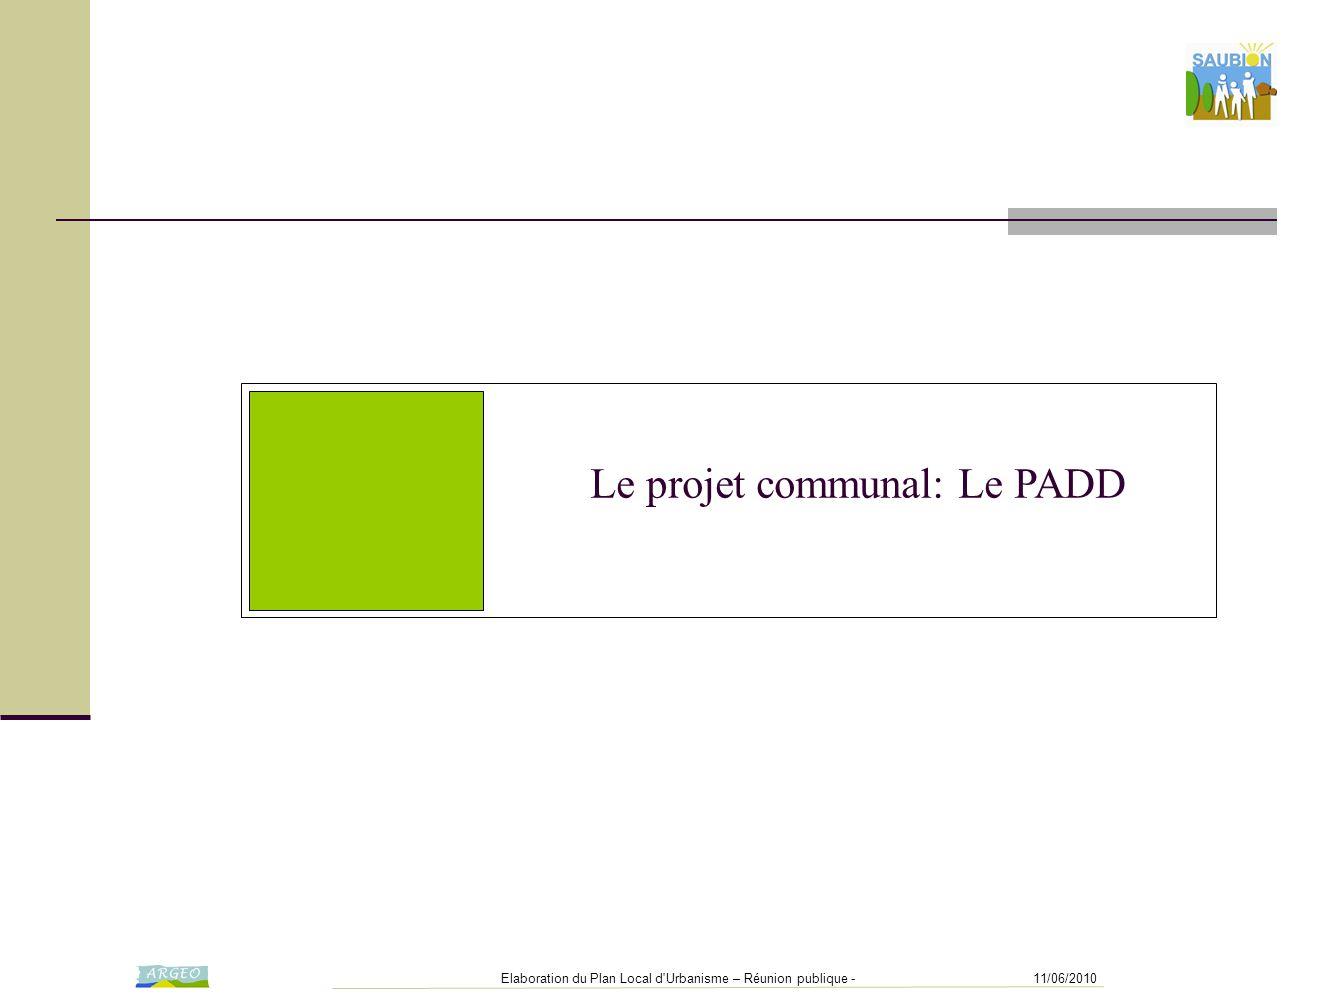 Le projet communal: Le PADD